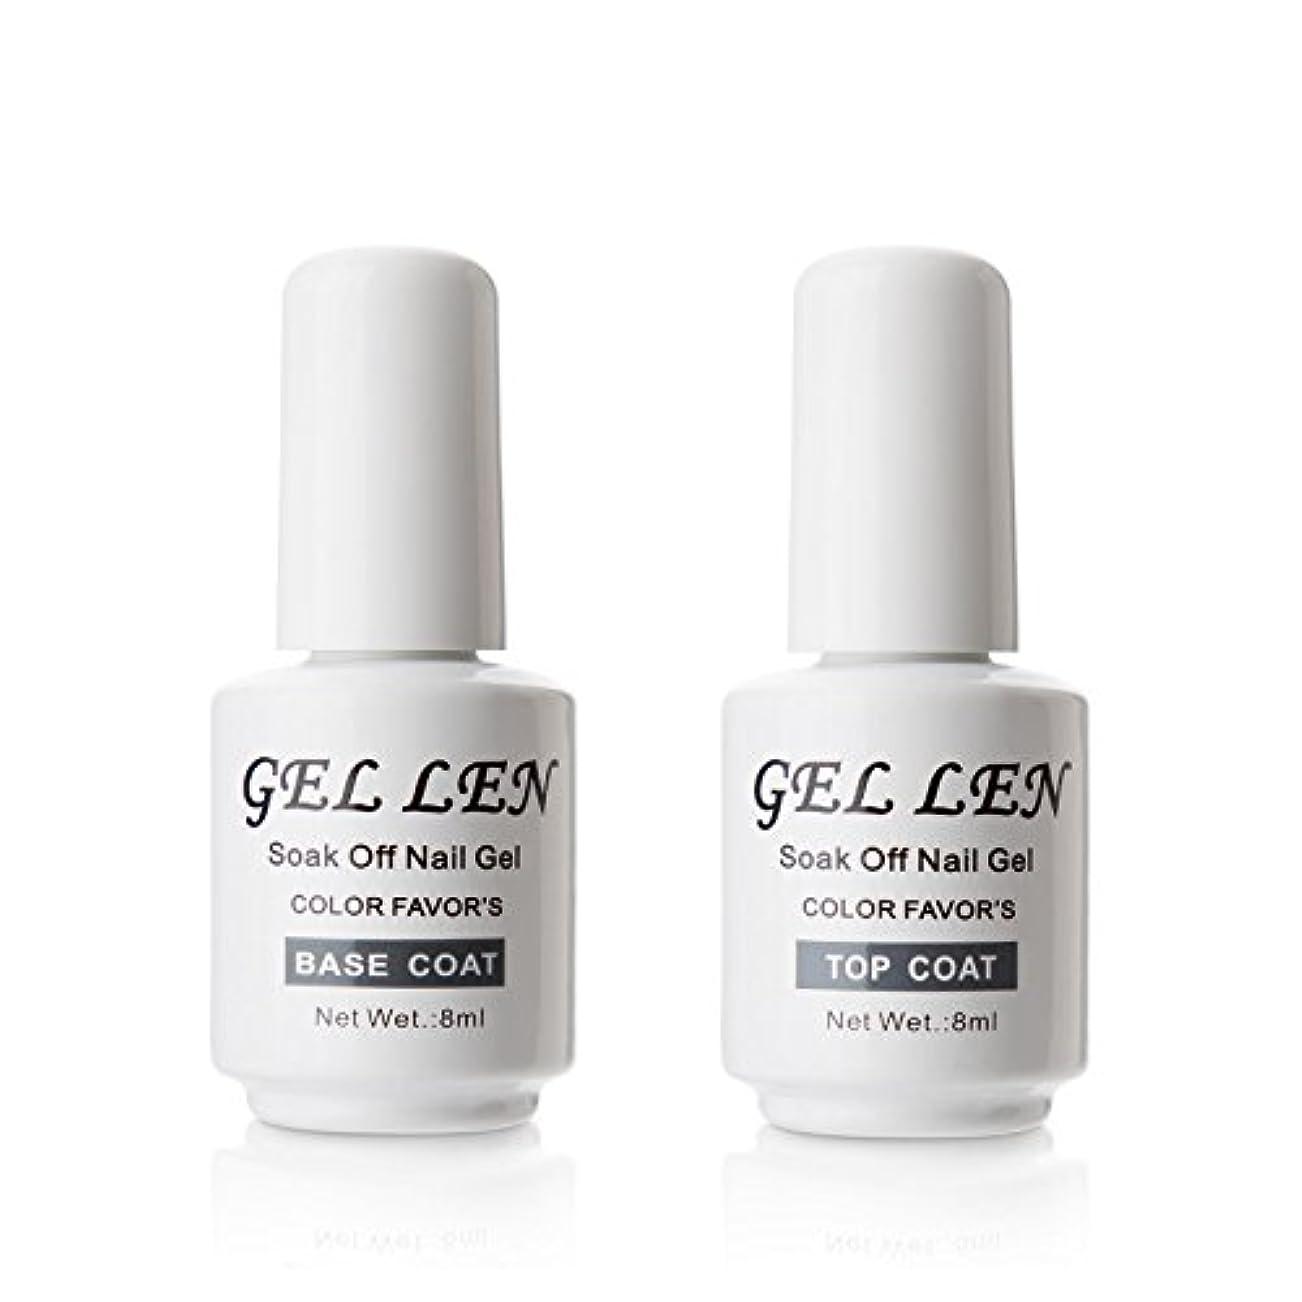 和らげる医師詐欺師Gellen ジェルネイル UV LED ベースコート&トップコート セット 8ml